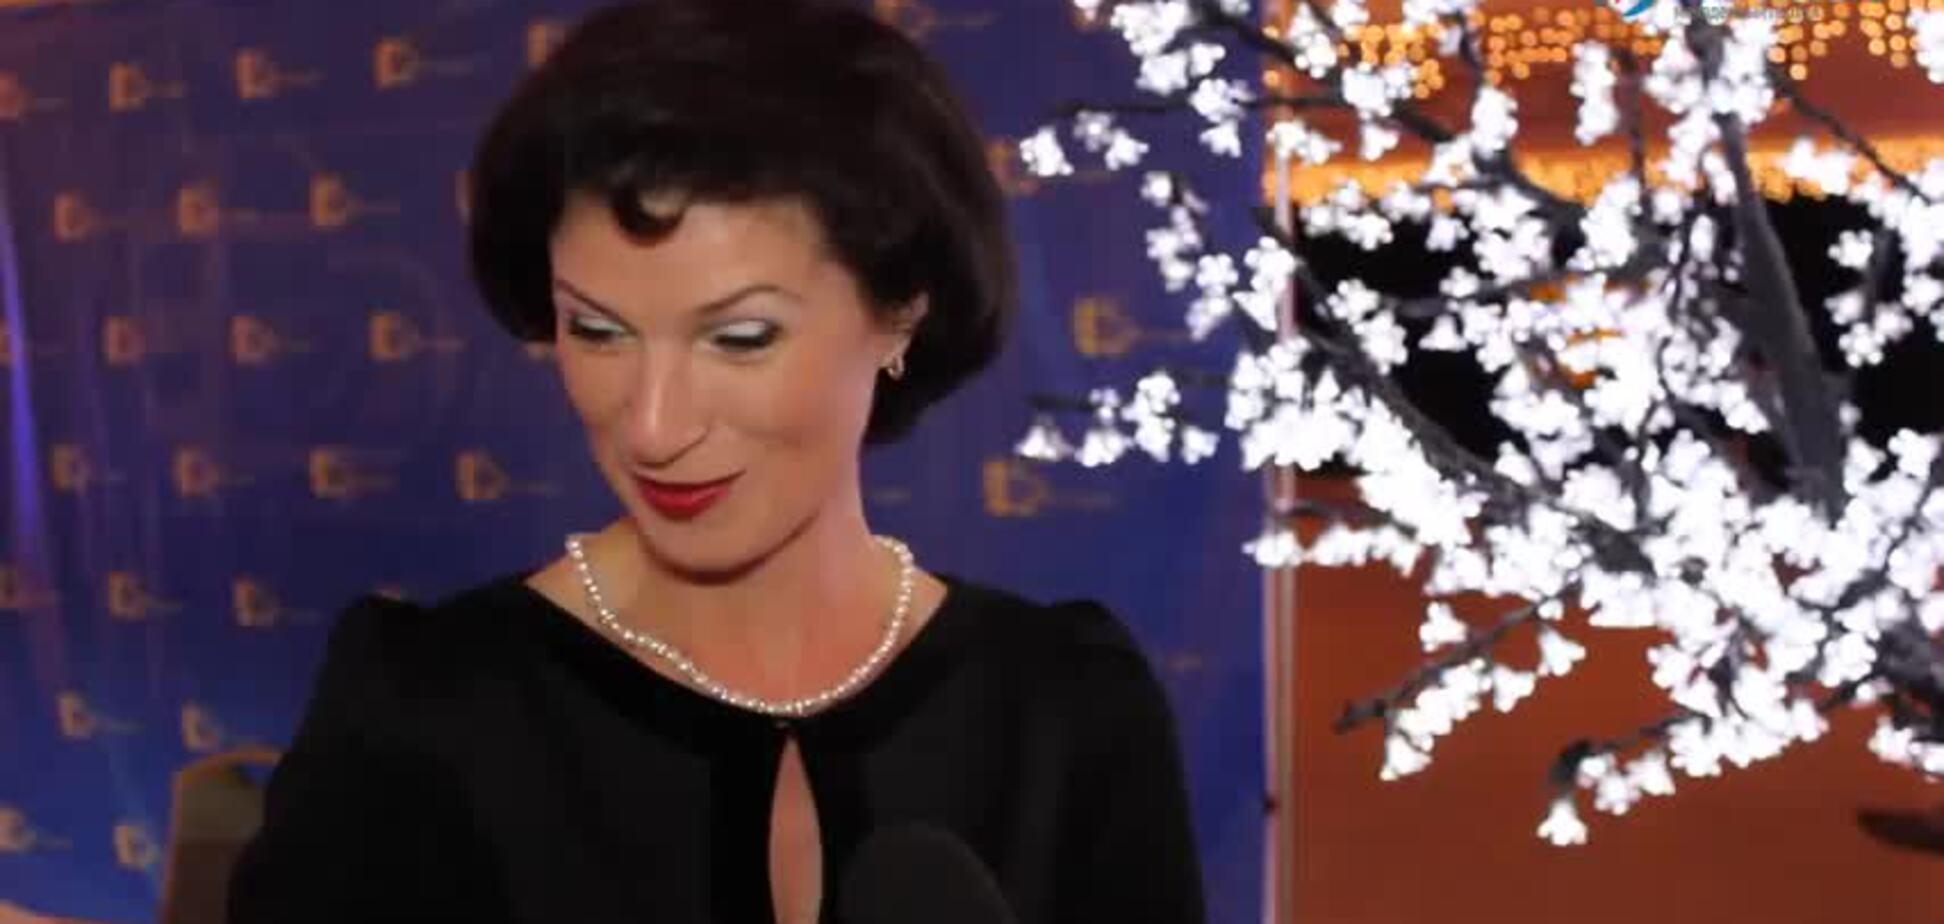 Министра культуры отправили в отставку из-за слова 'засранец'